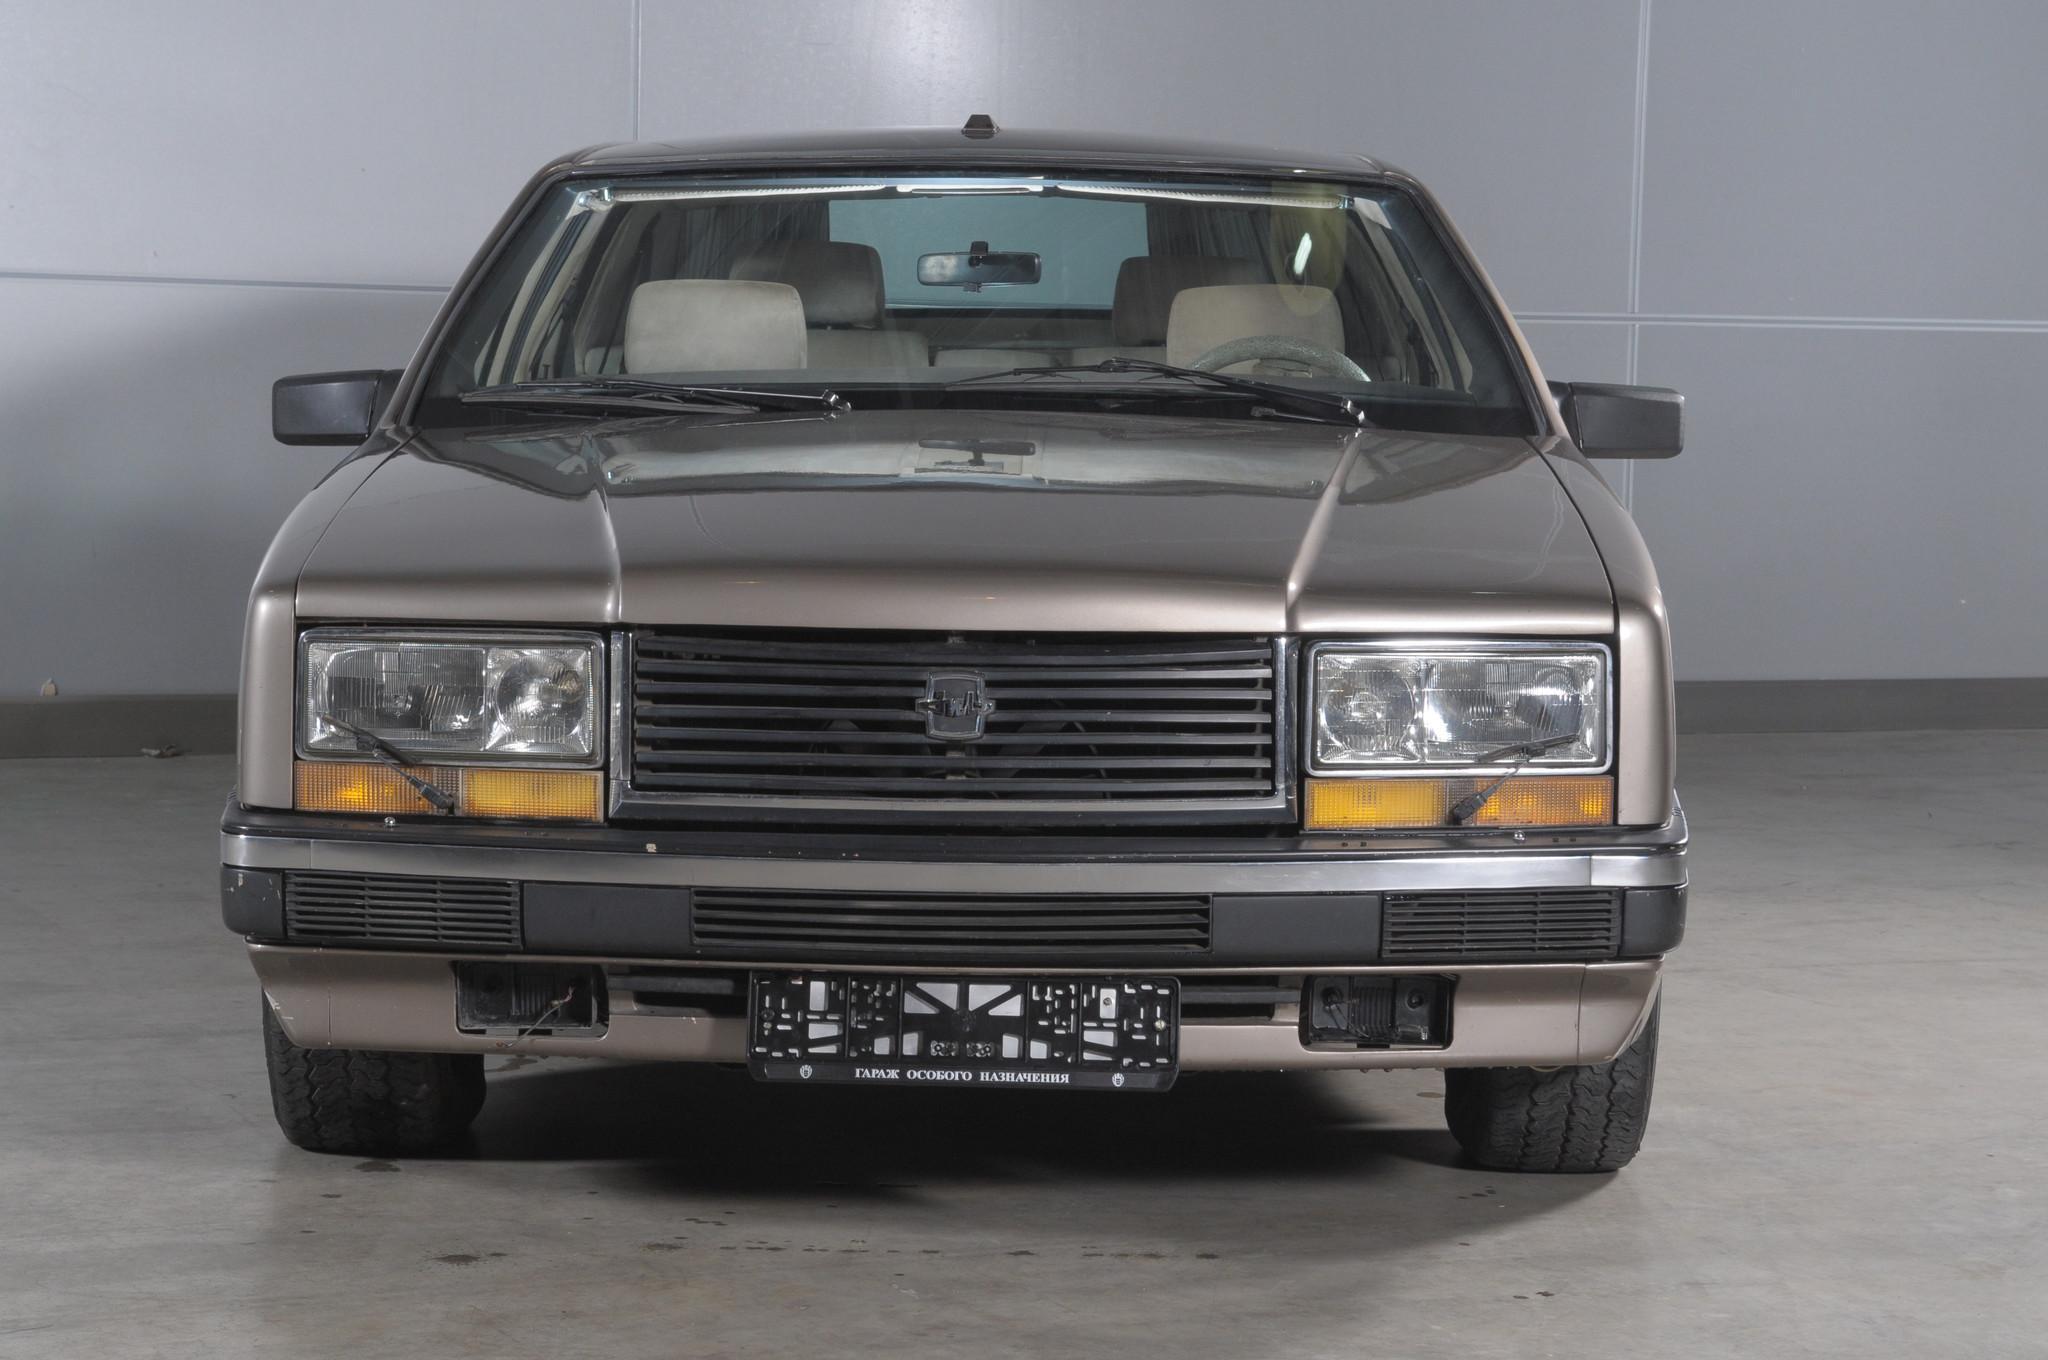 В качестве образца в 1985 году был куплен новый Rolls-Royce Silver Spirit. В 1988 году шестой цех ЗИ